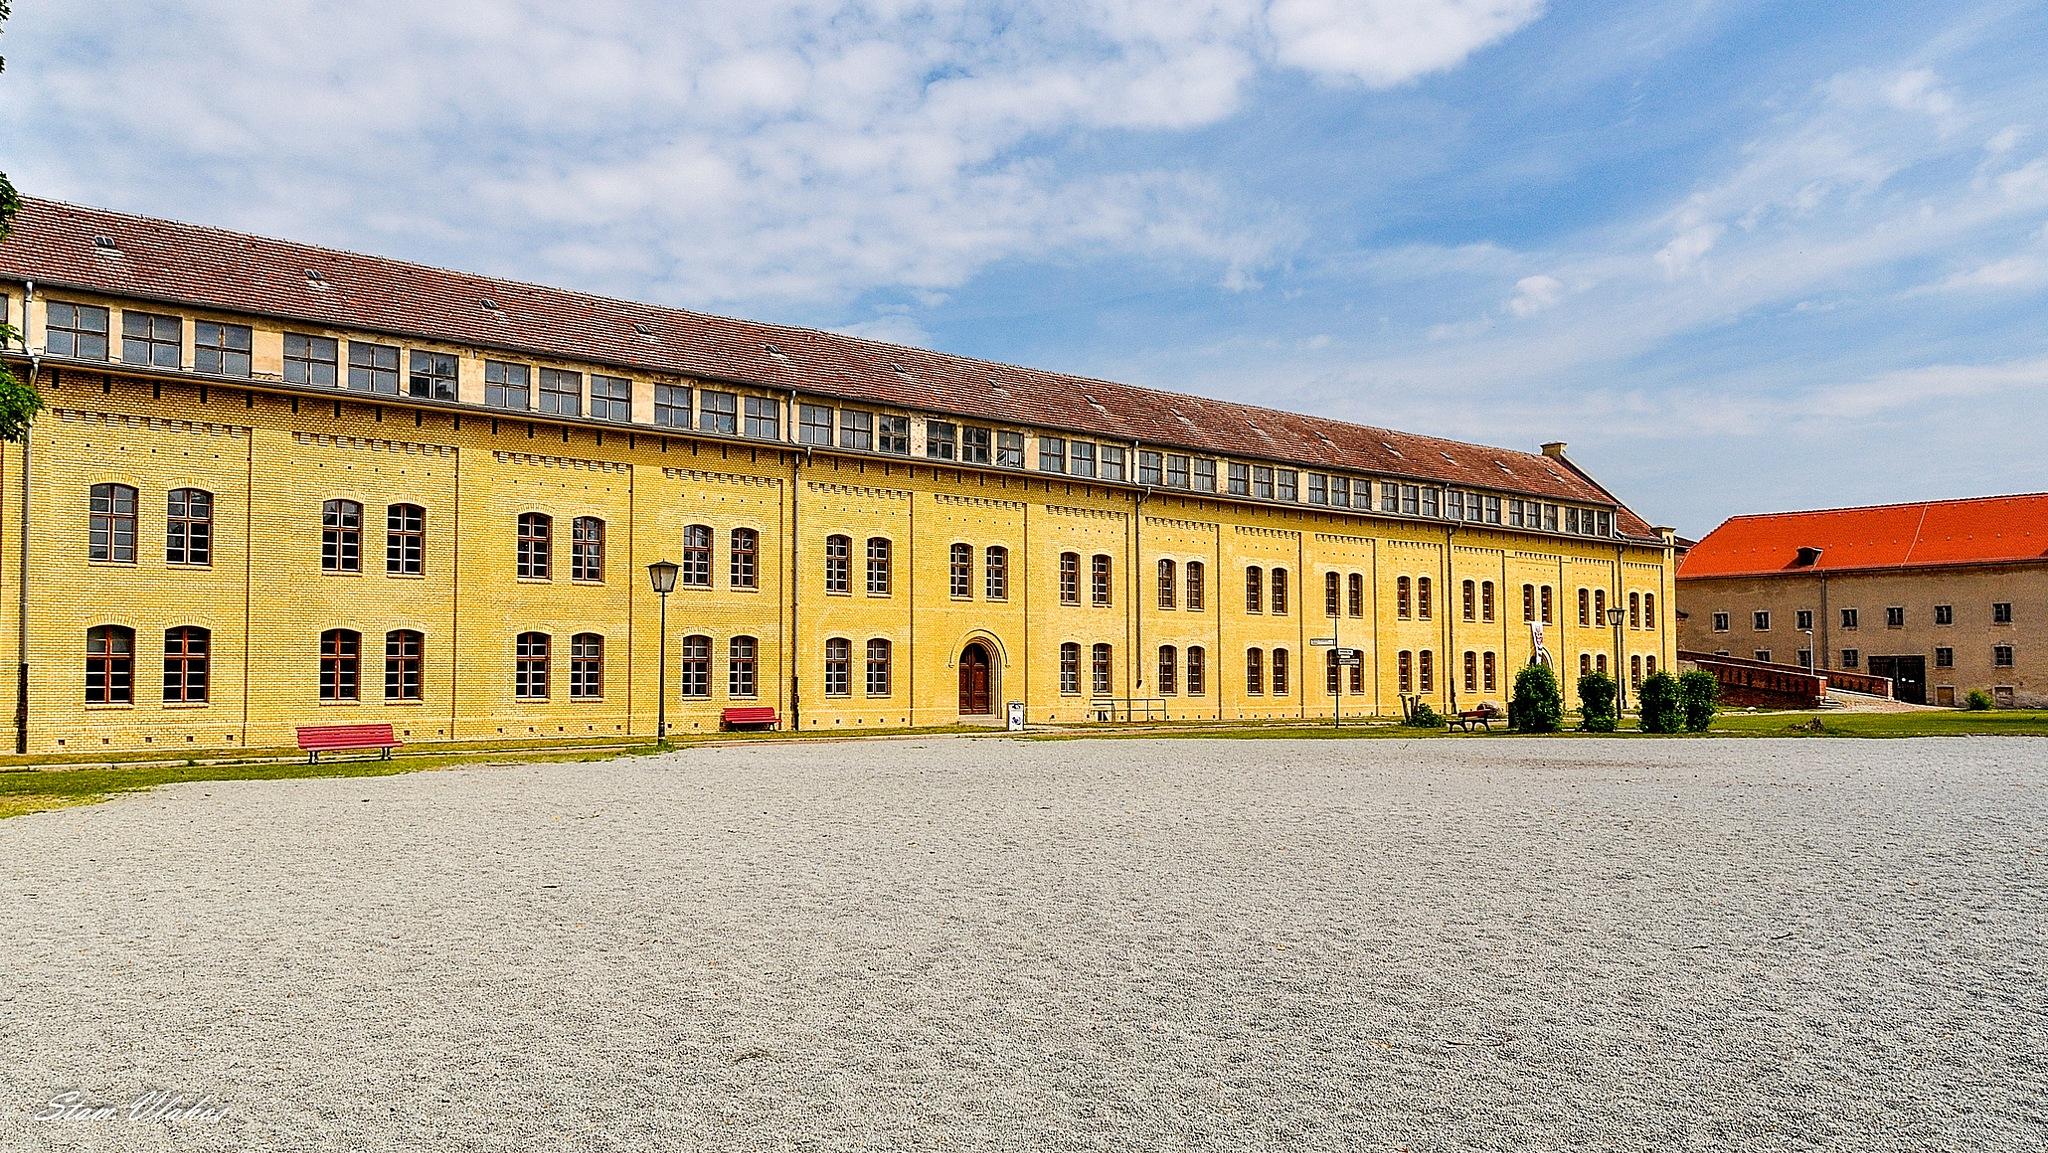 Spandau Museum. (Full screen please) by Stamatis Vlahos